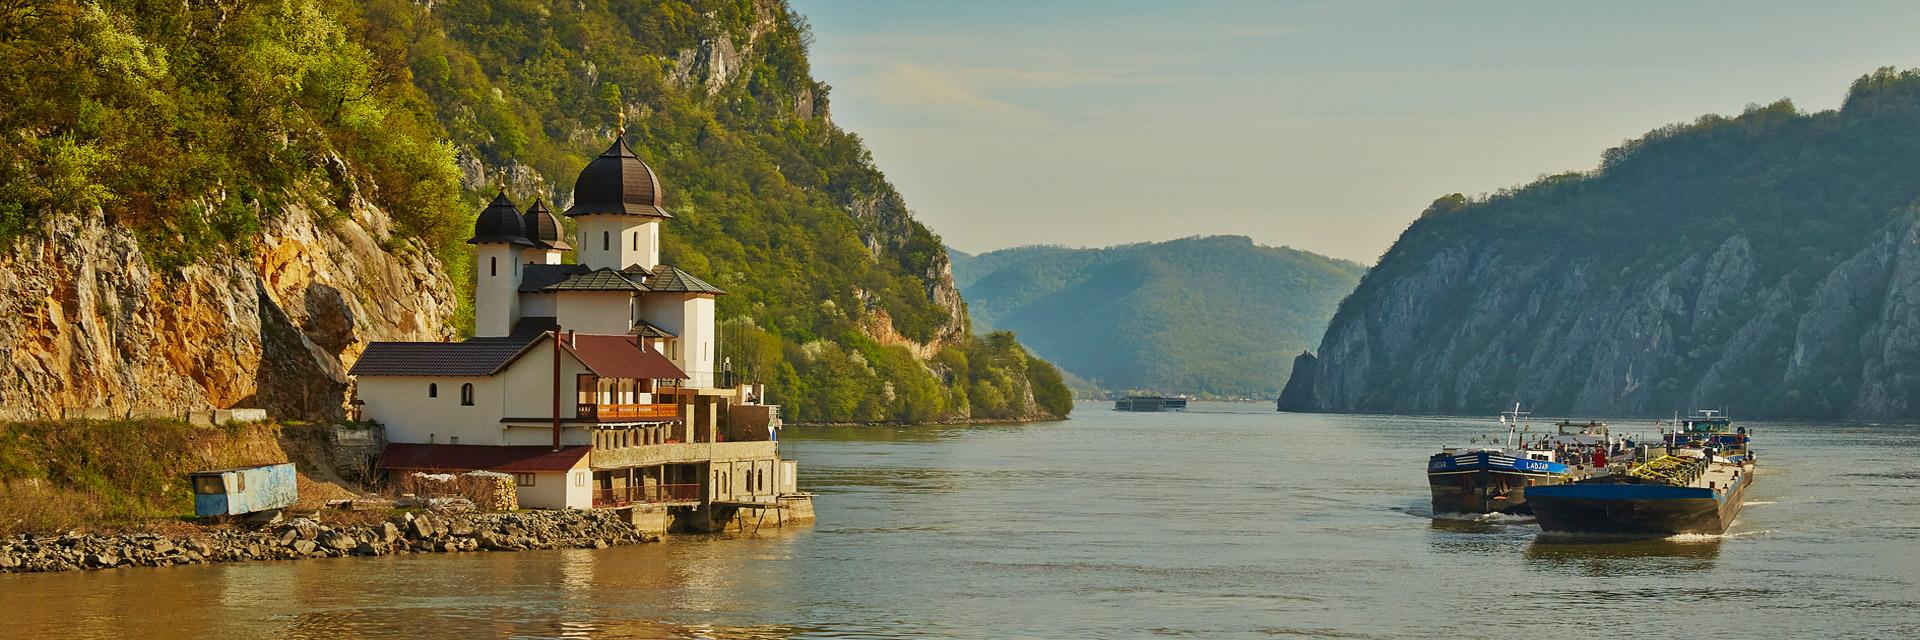 Donau – Vom Schwarzwald ans Schwarze Meer